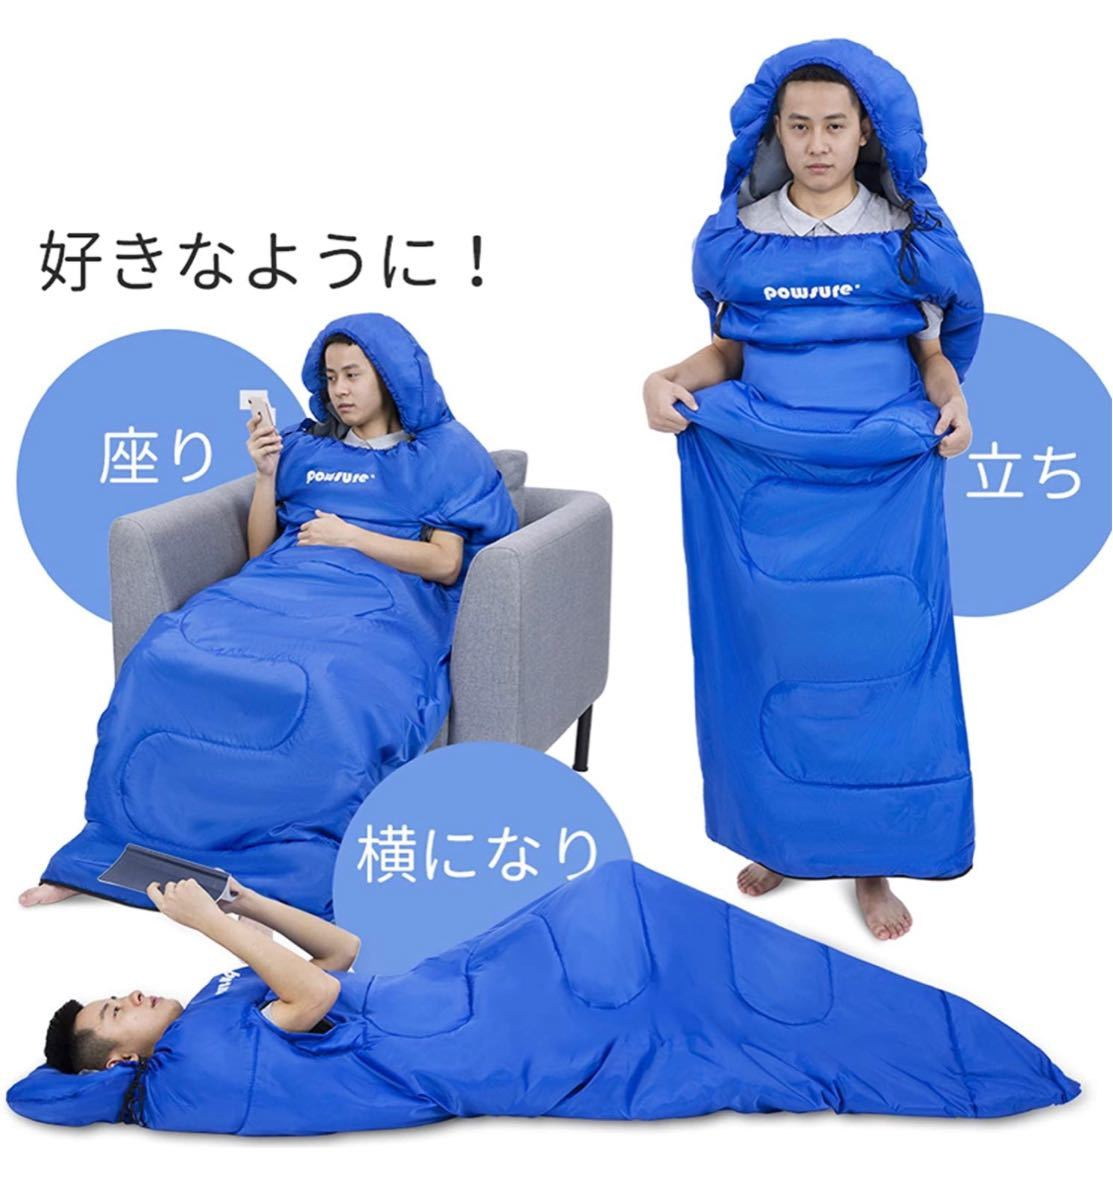 寝袋 手が出せるシュラフ 封筒型 軽量 コンパクト 保温 2個セット シュラフ 寝袋シュラフ エアーマット キャンプマット